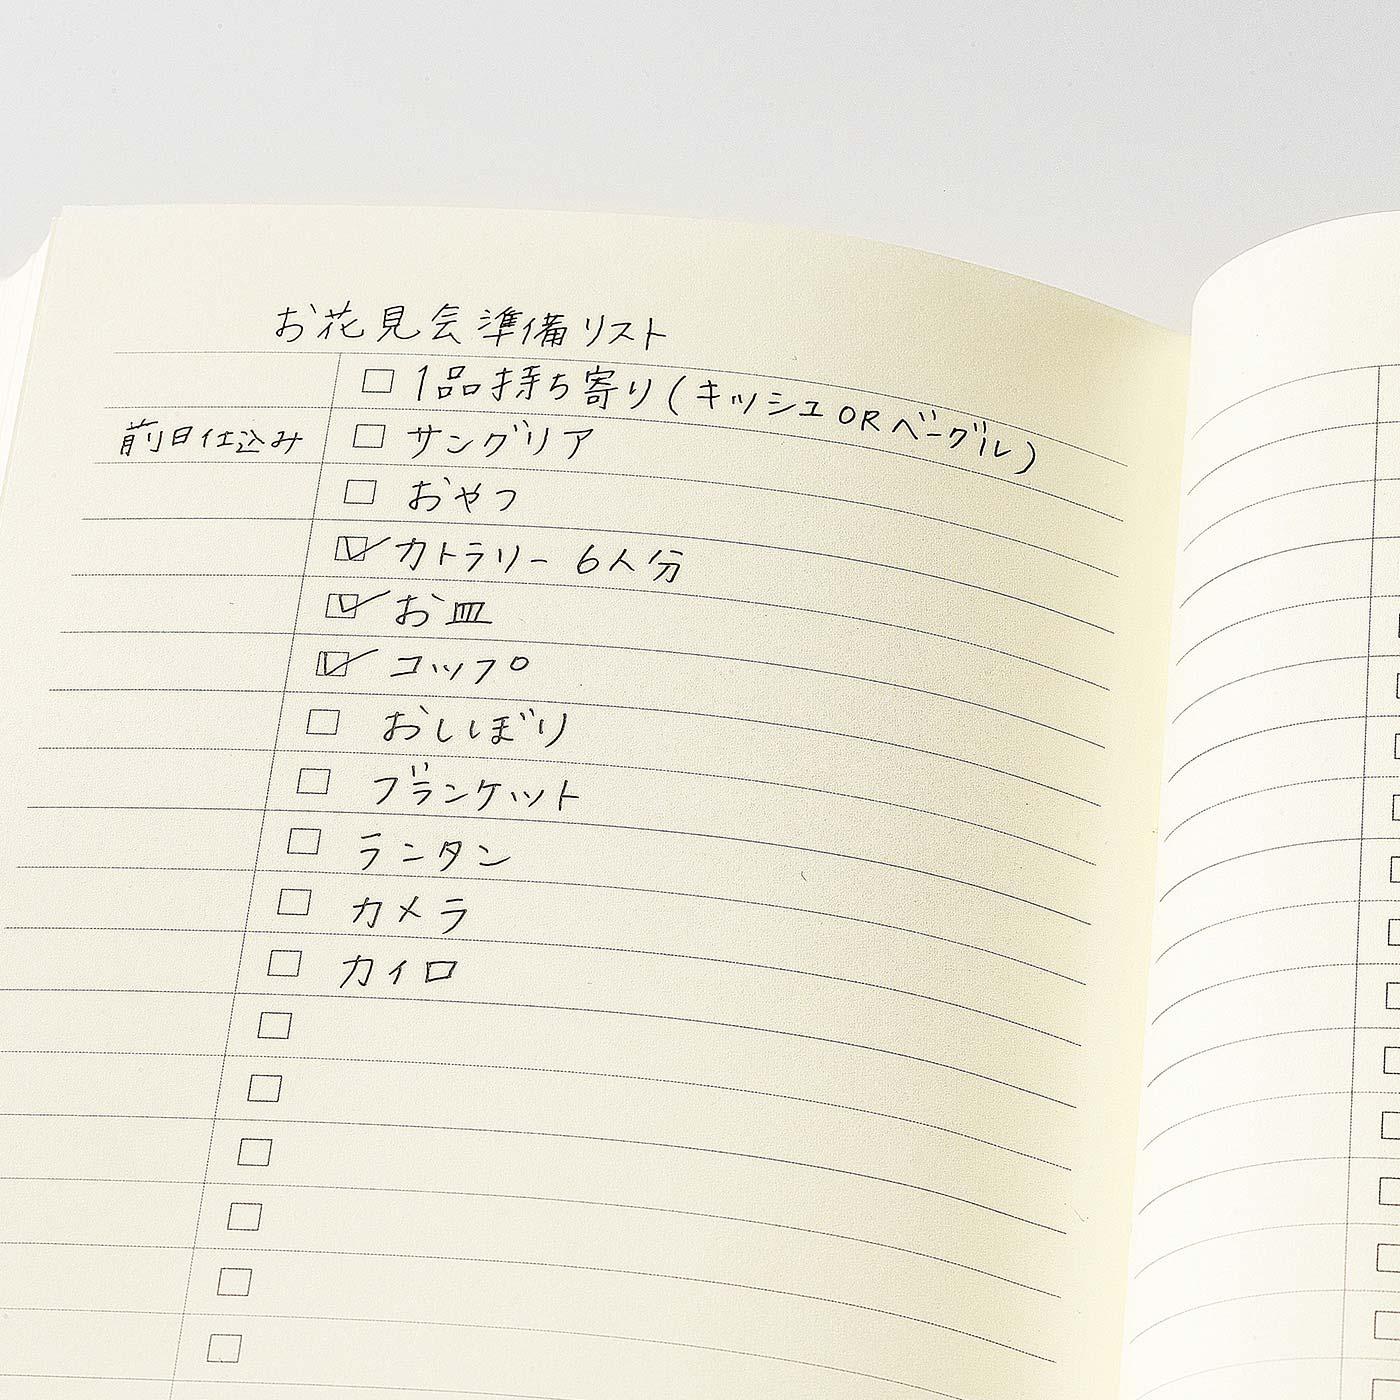 TO DO LIST読みたい本リスト、欲しいものリスト、旅行の持ち物リストなど、たくさん書き出したいときの管理に。